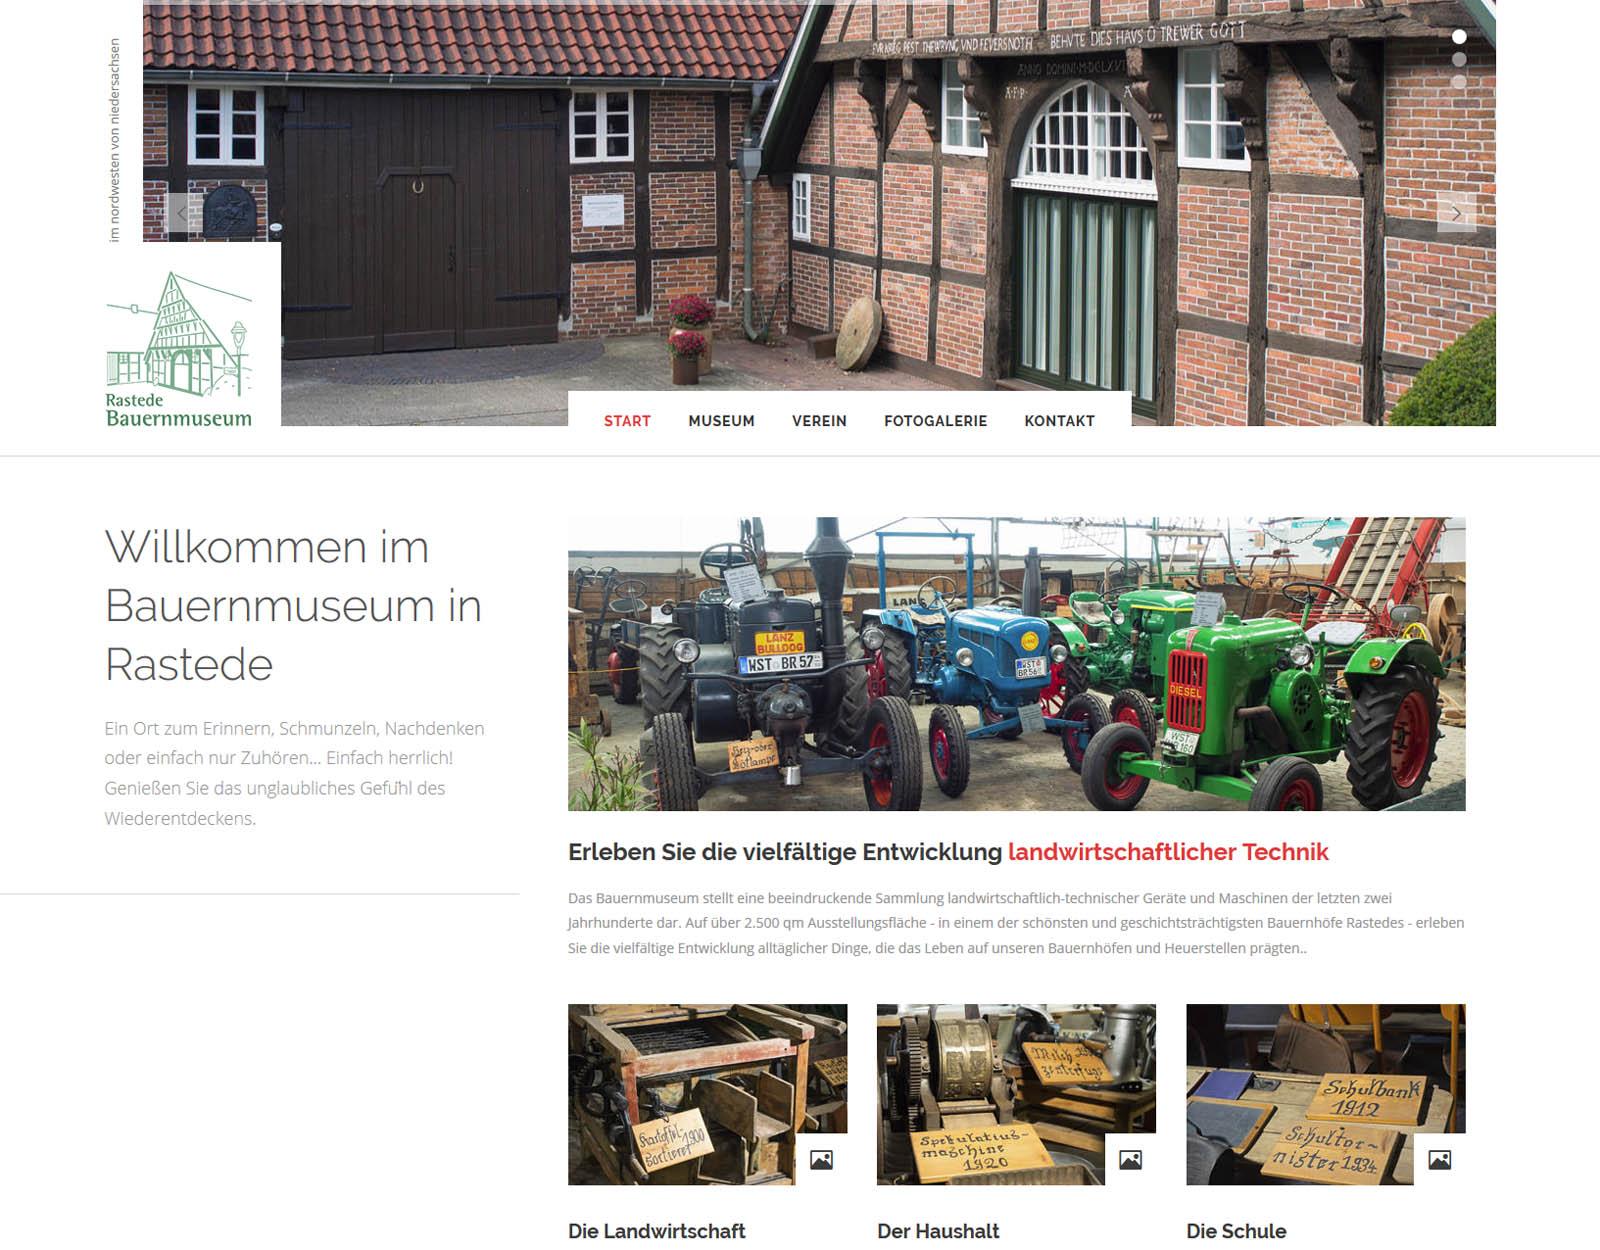 Startseite der Website Bauernmuseum Rastede